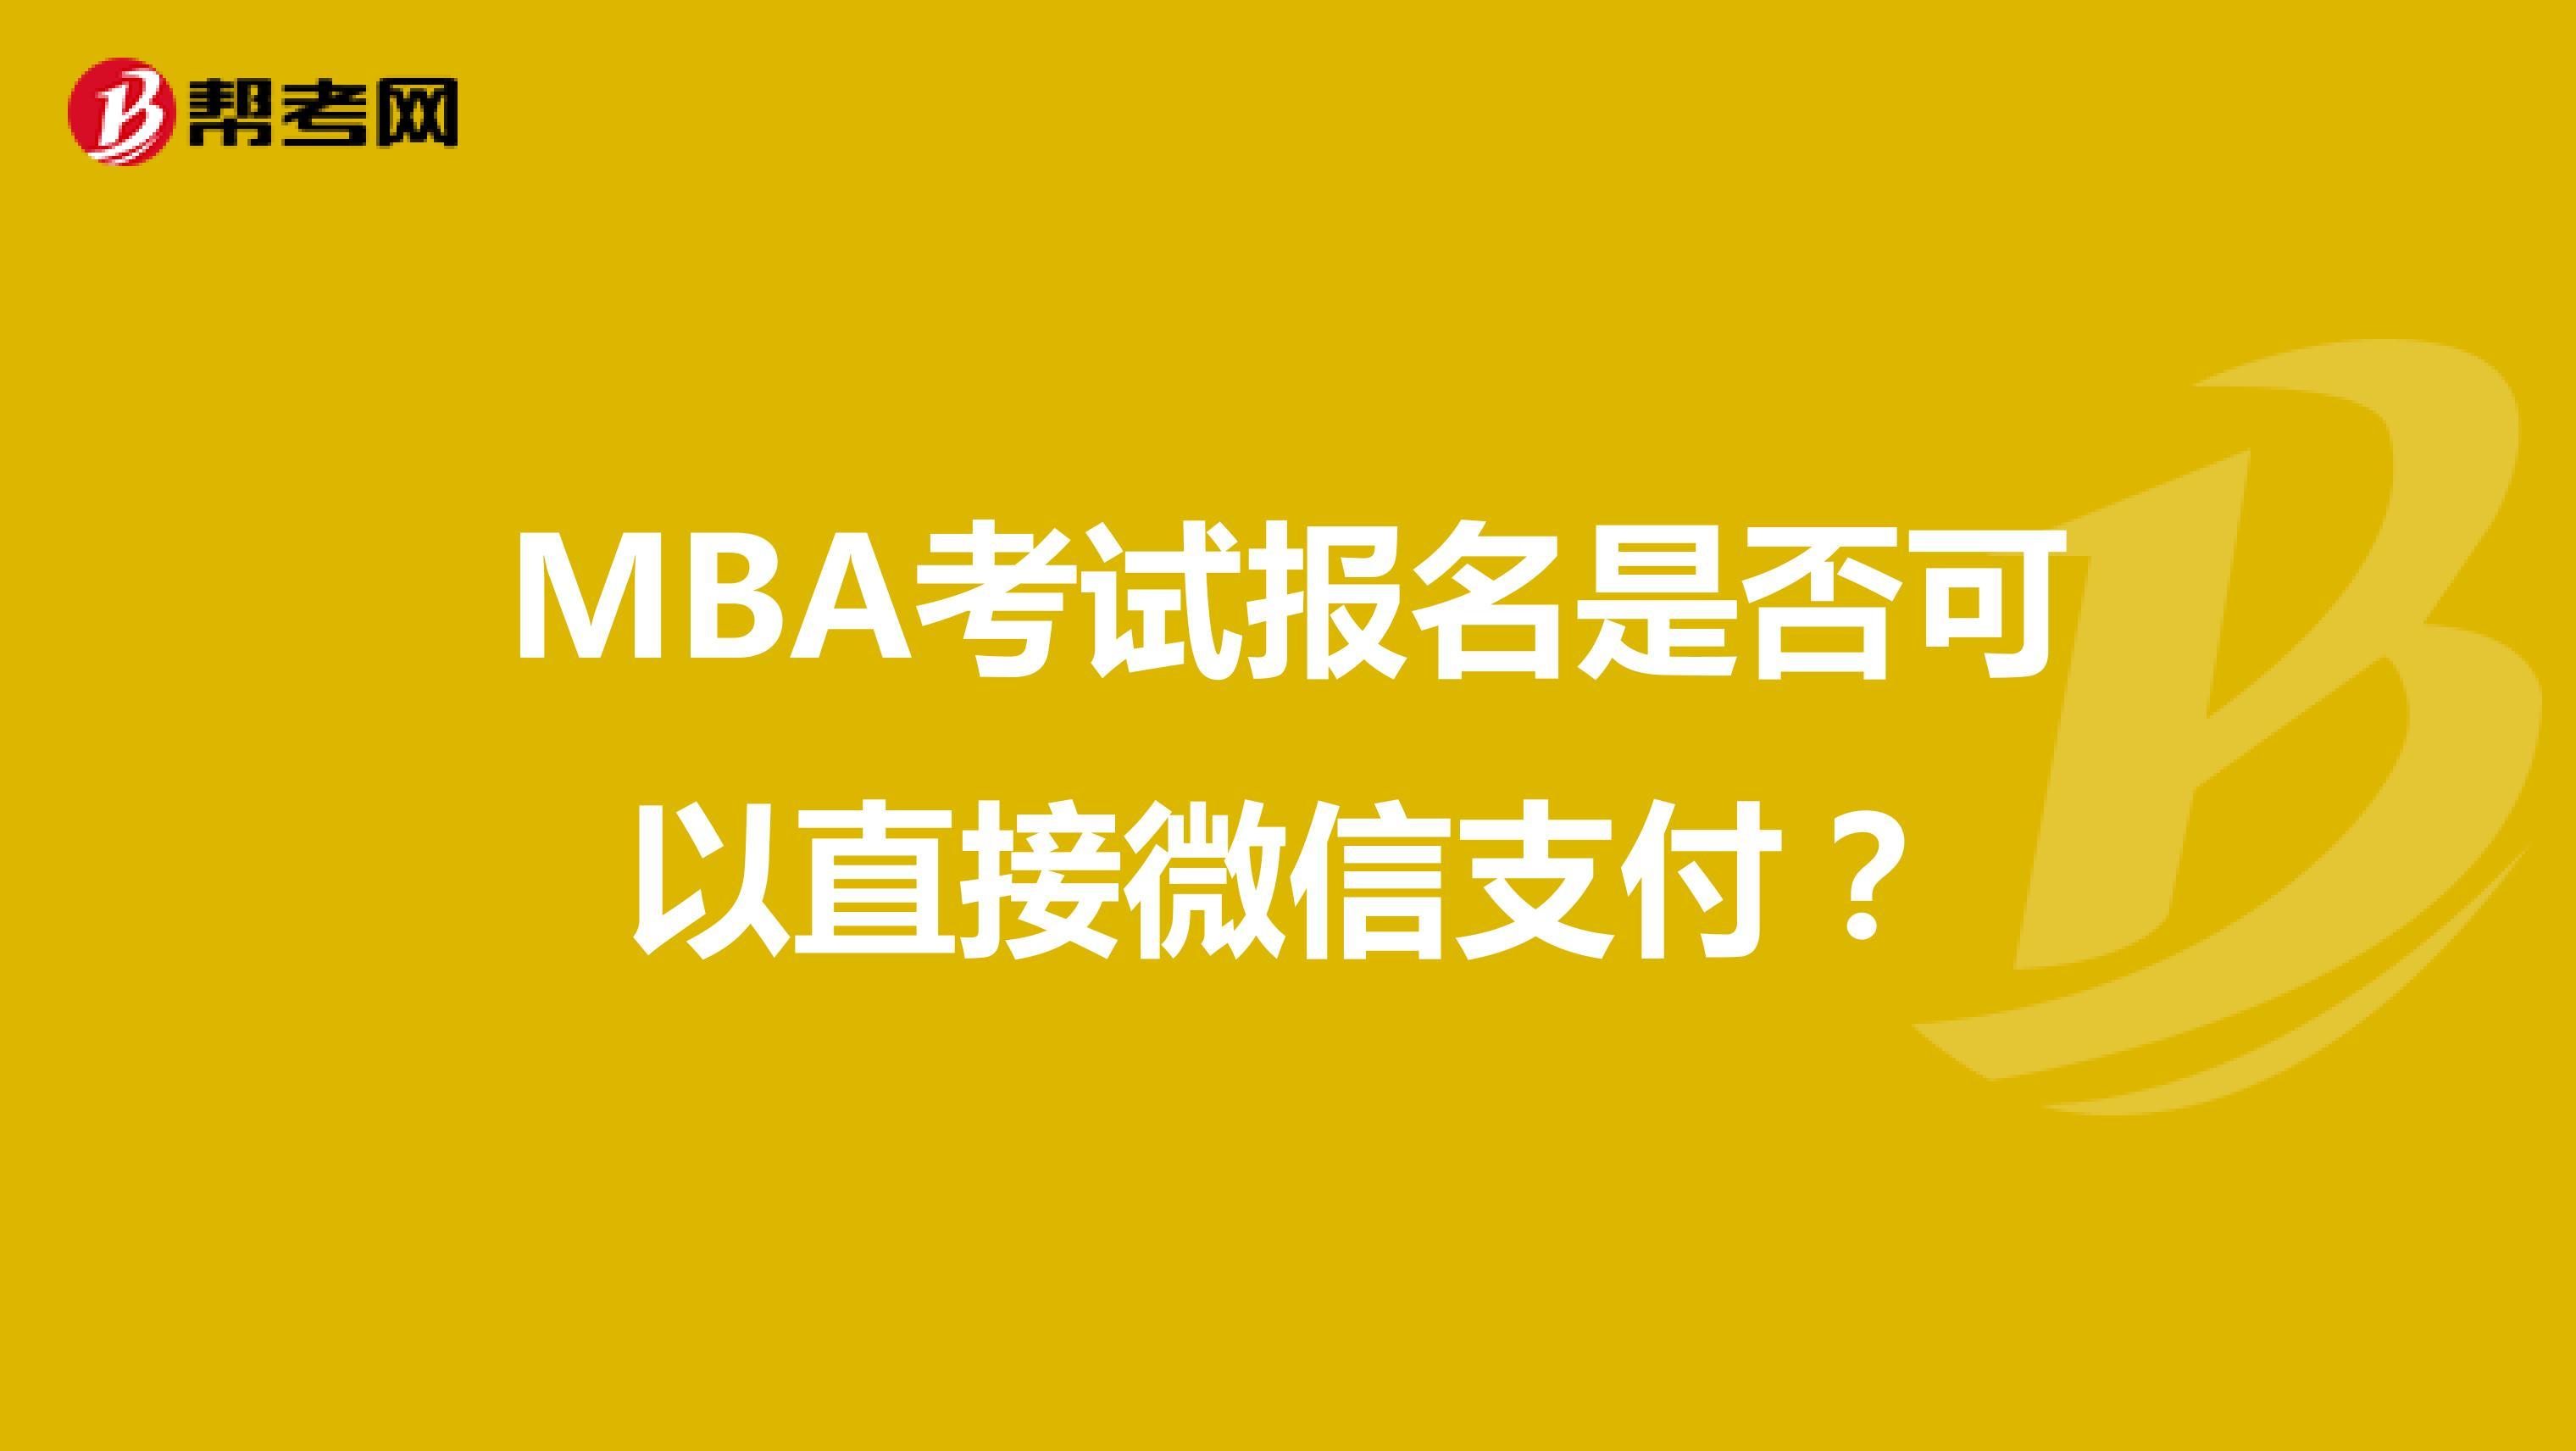 MBA考试报名是否可以直接微信支付?